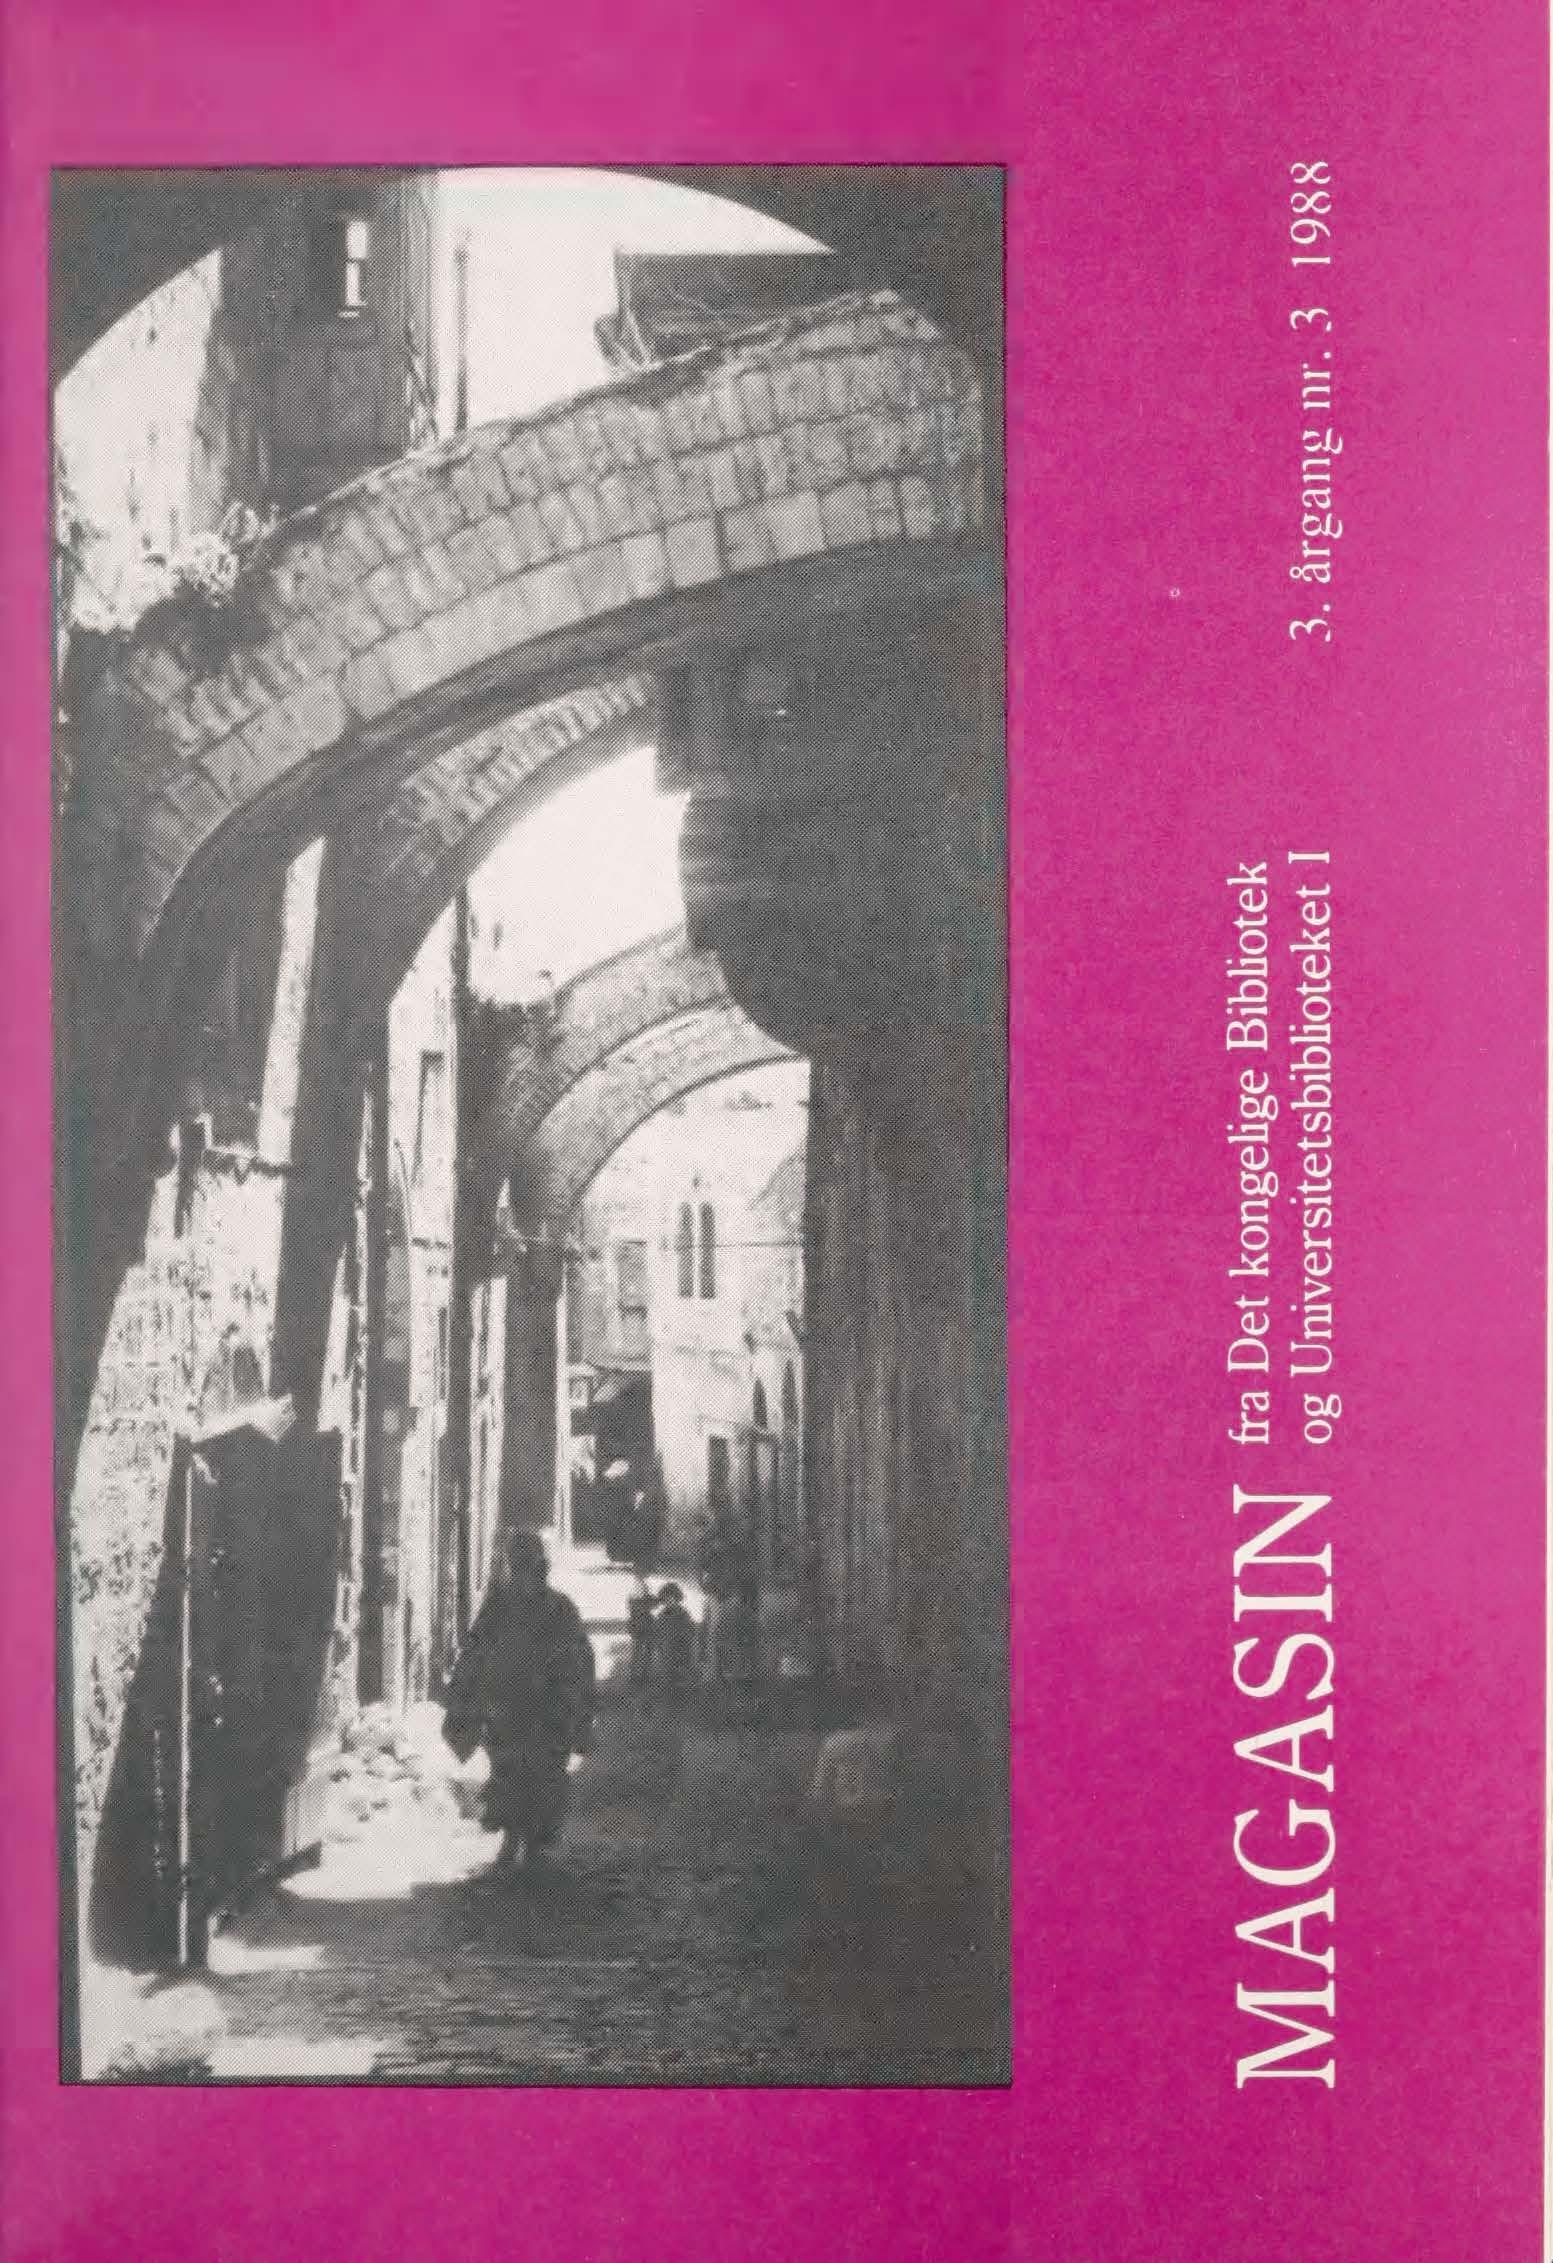 Se Årg. 3 Nr. 3 (1988)